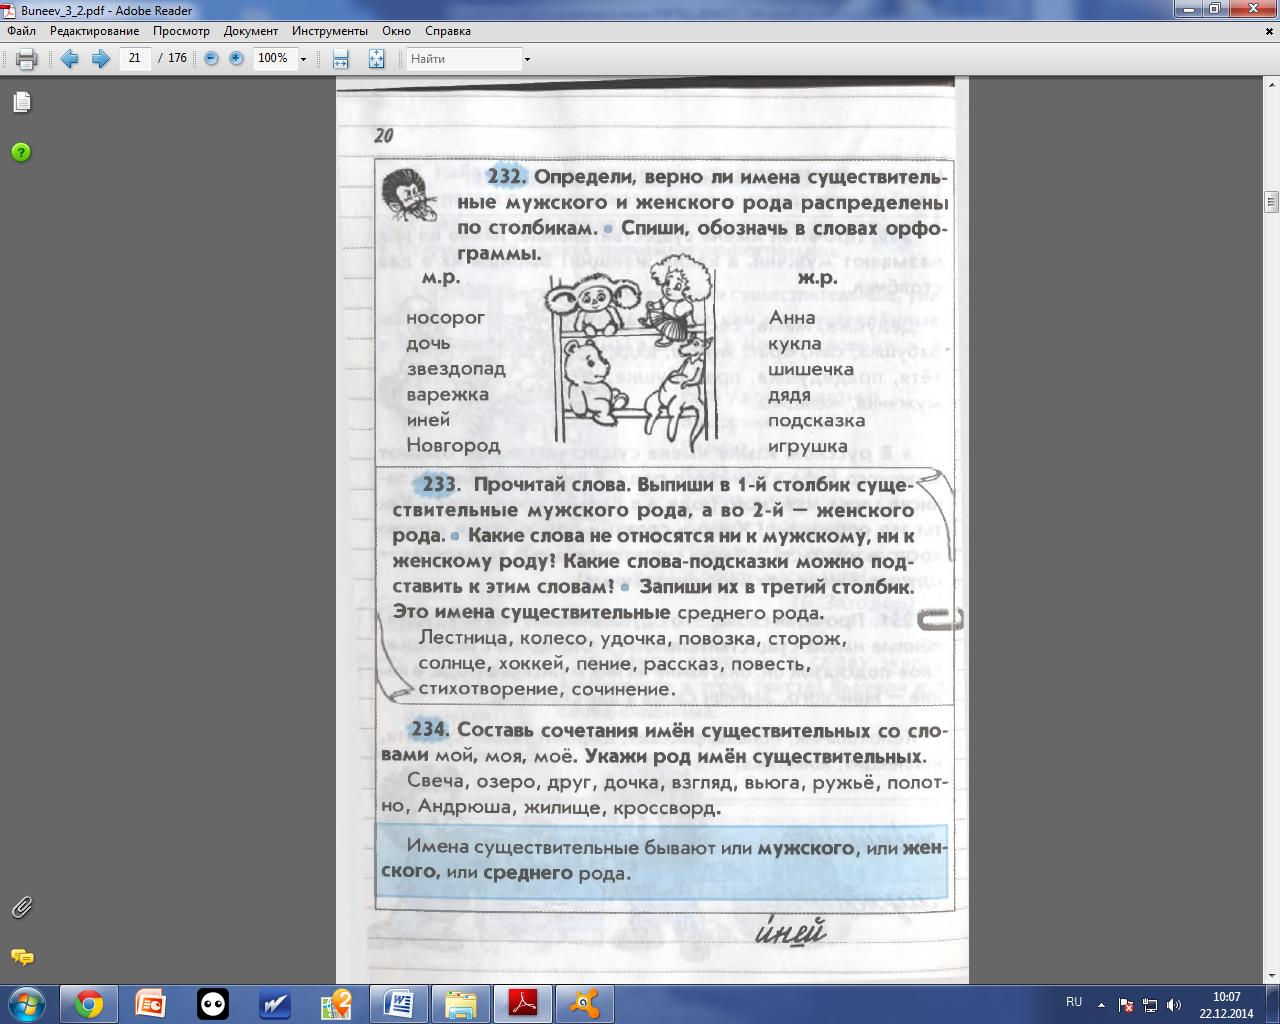 Бунеев20.png